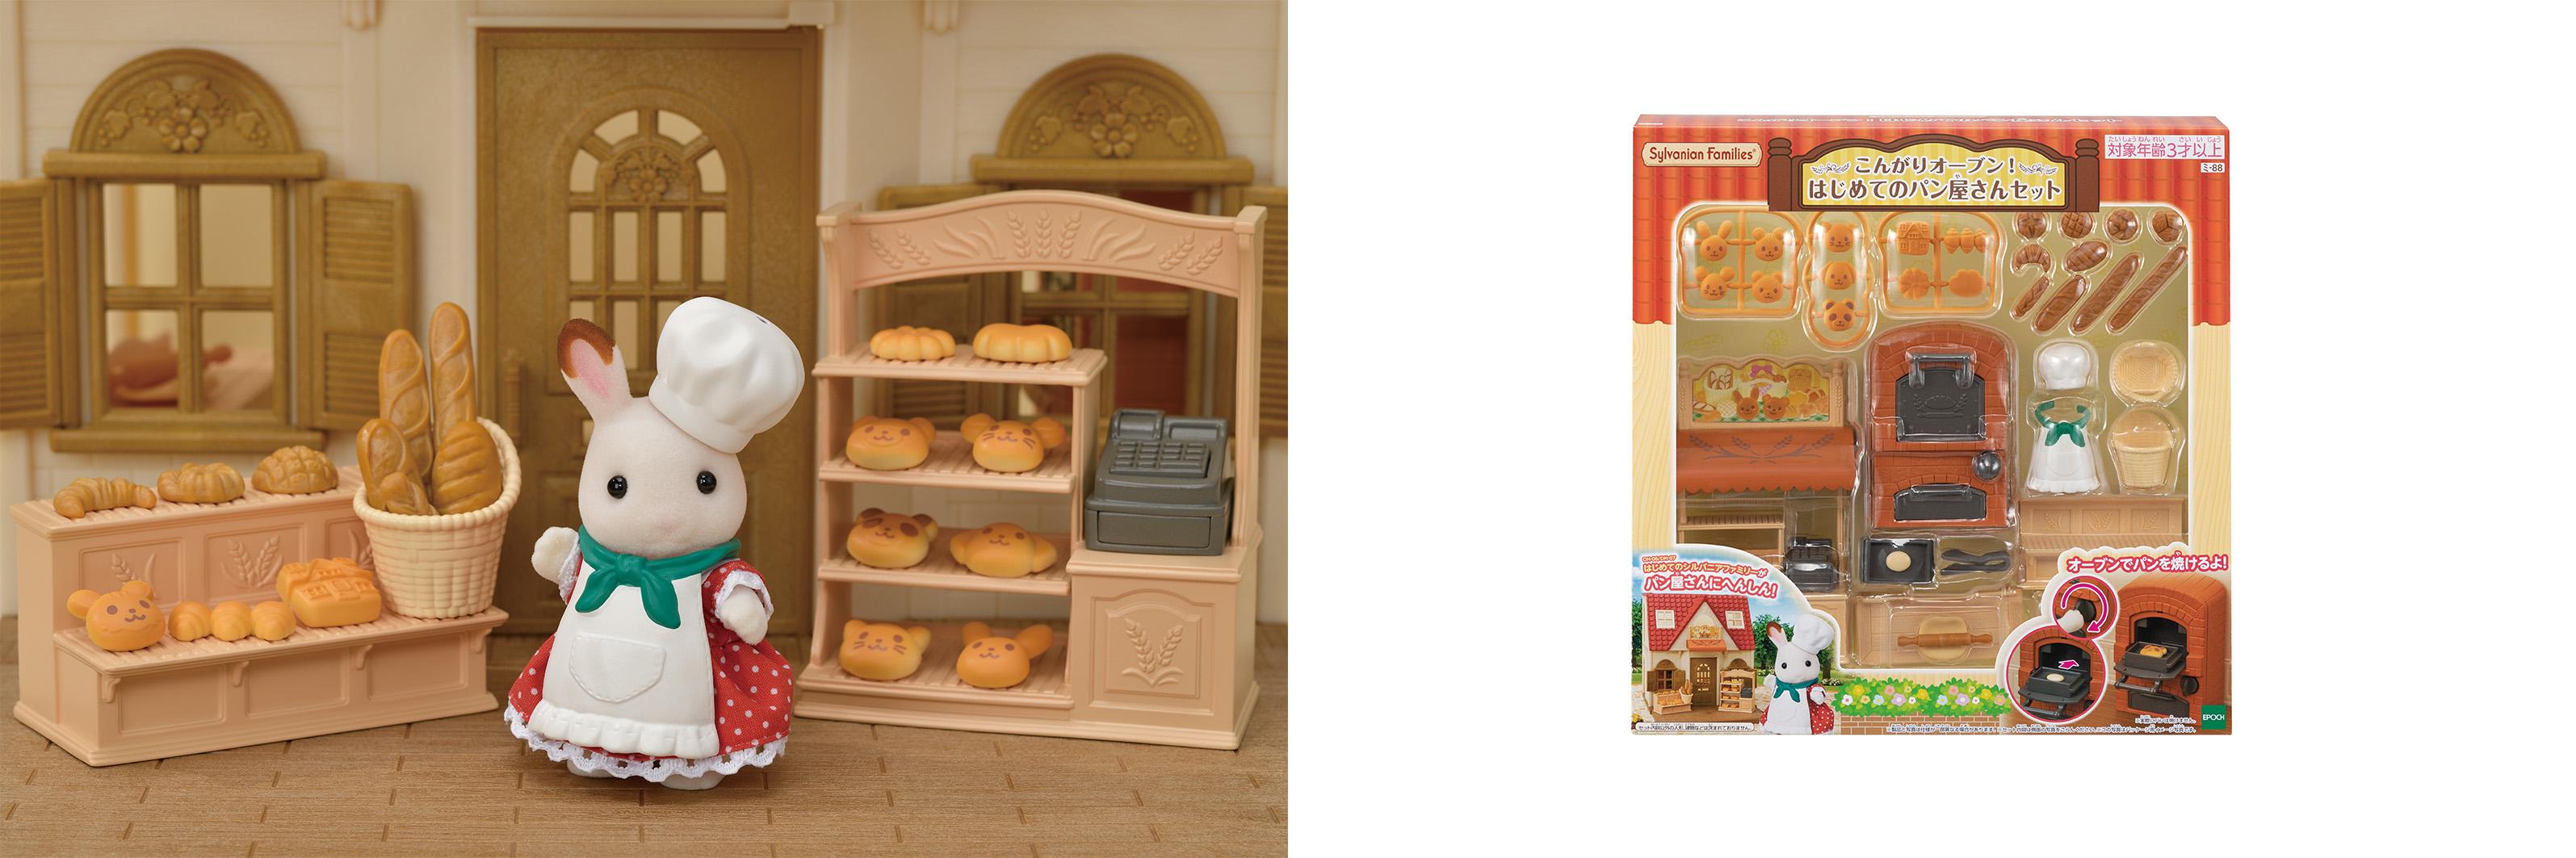 横並びパン屋おもちゃ